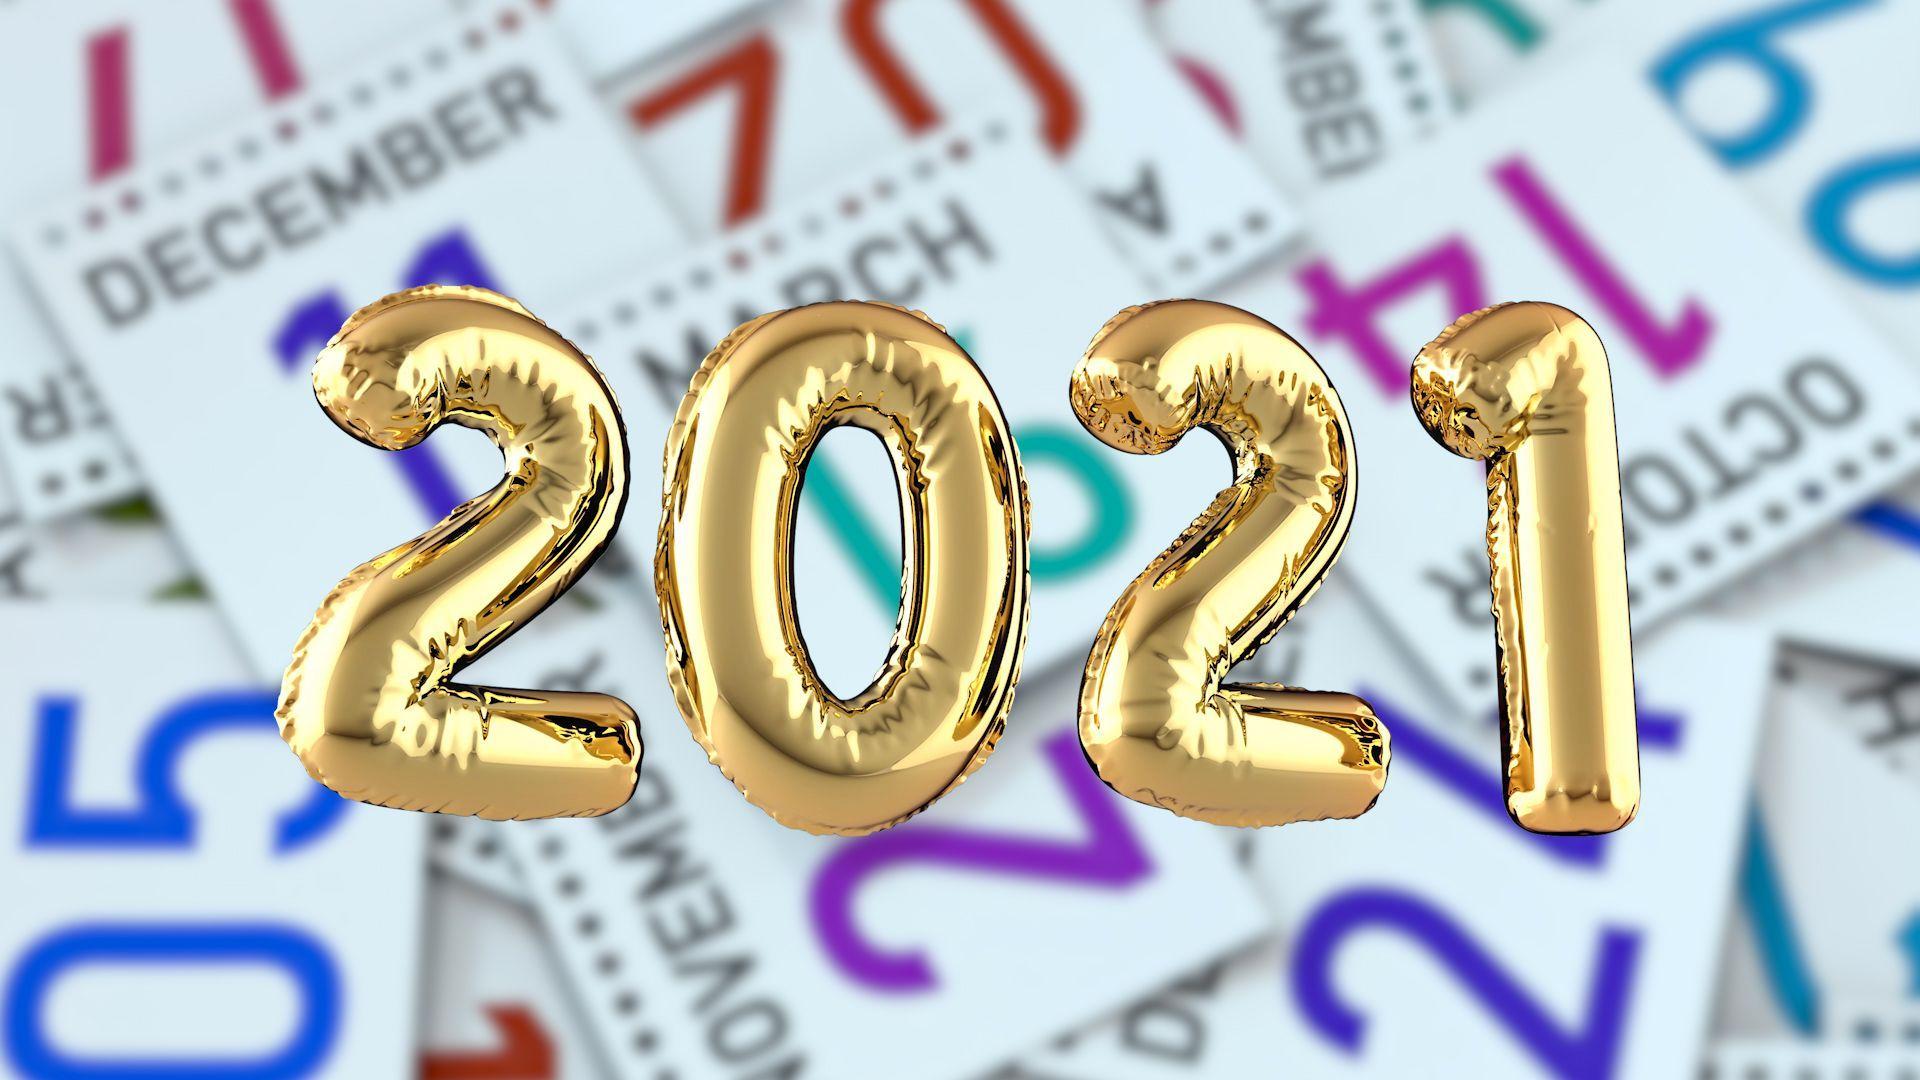 Brückentage 2021: So verlängerst du deinen Urlaub